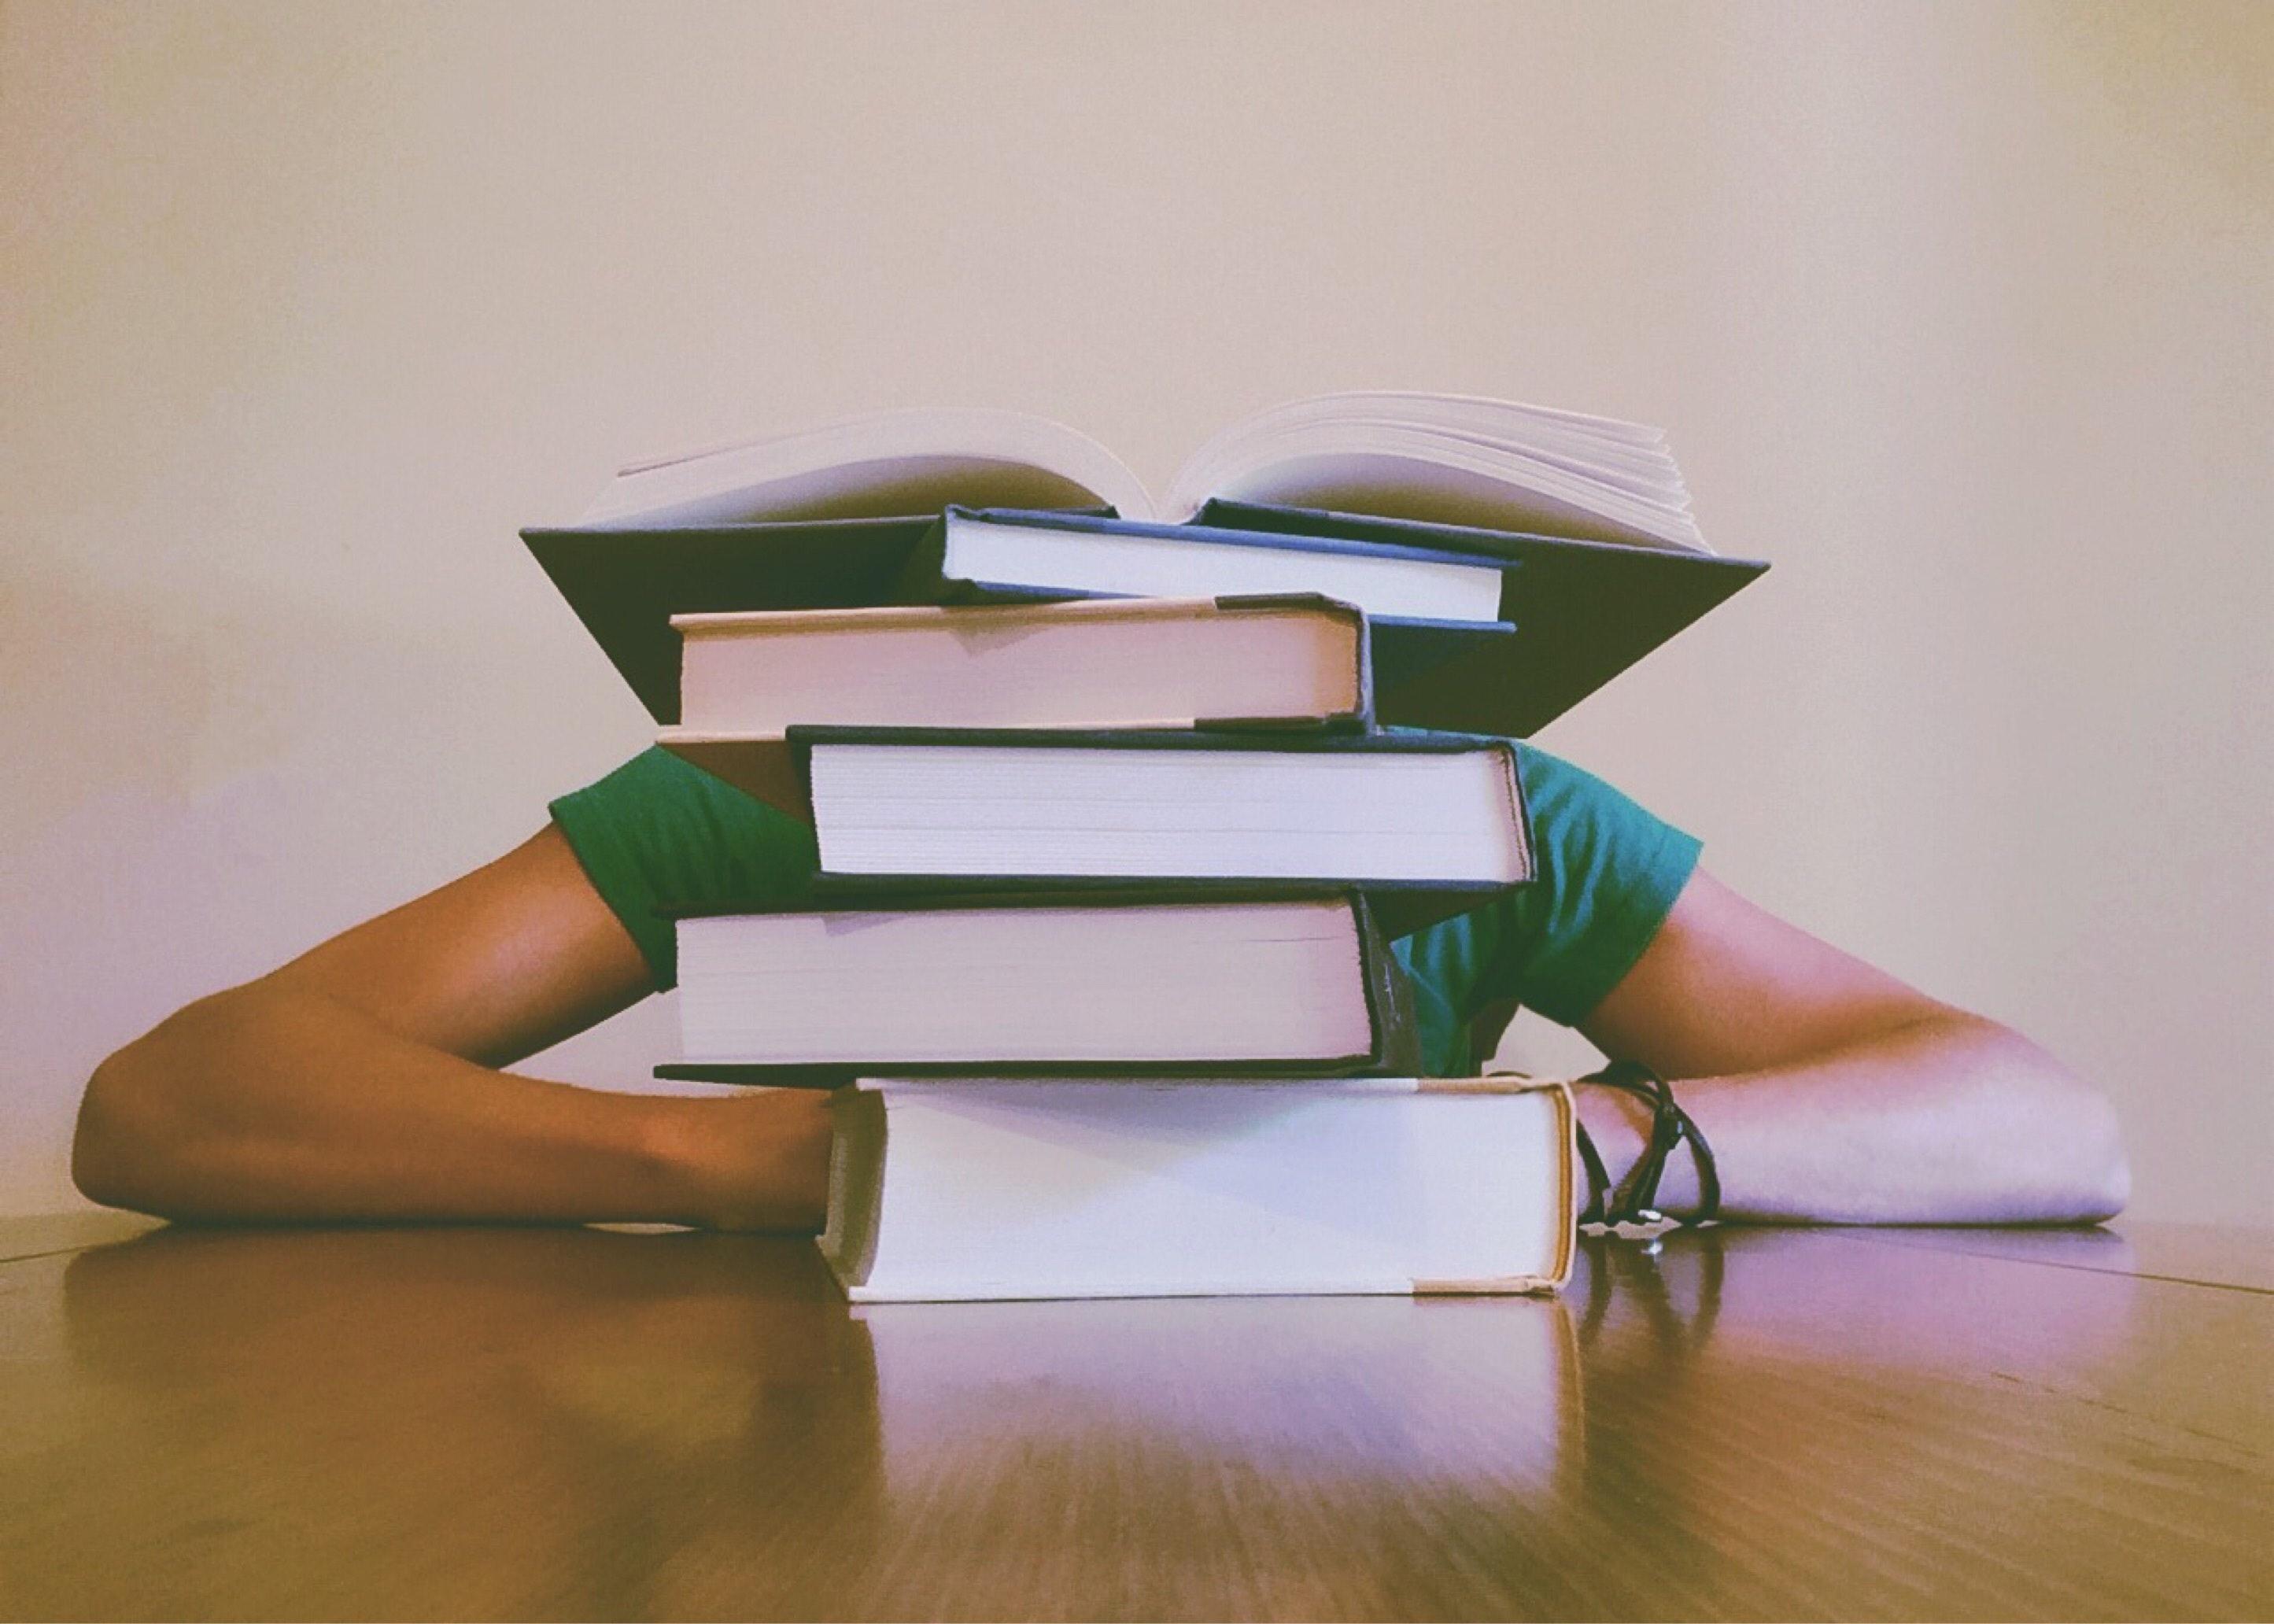 studeren, lezen, onthouden, leren, leeruitdagingen